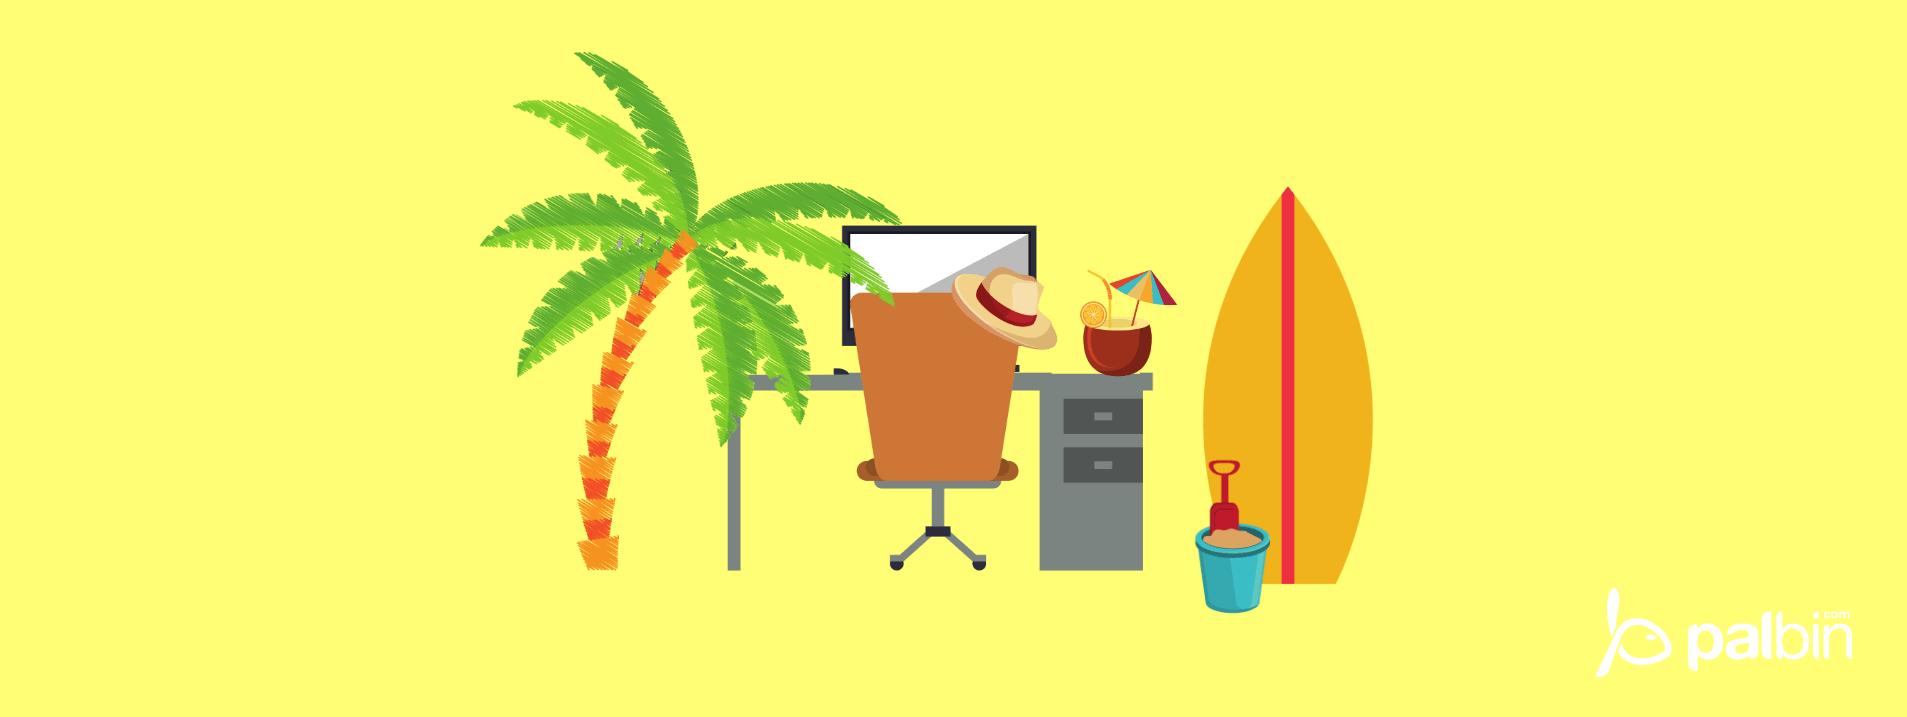 ¿Cómo potenciar mi negocio en verano después de Rebajas?